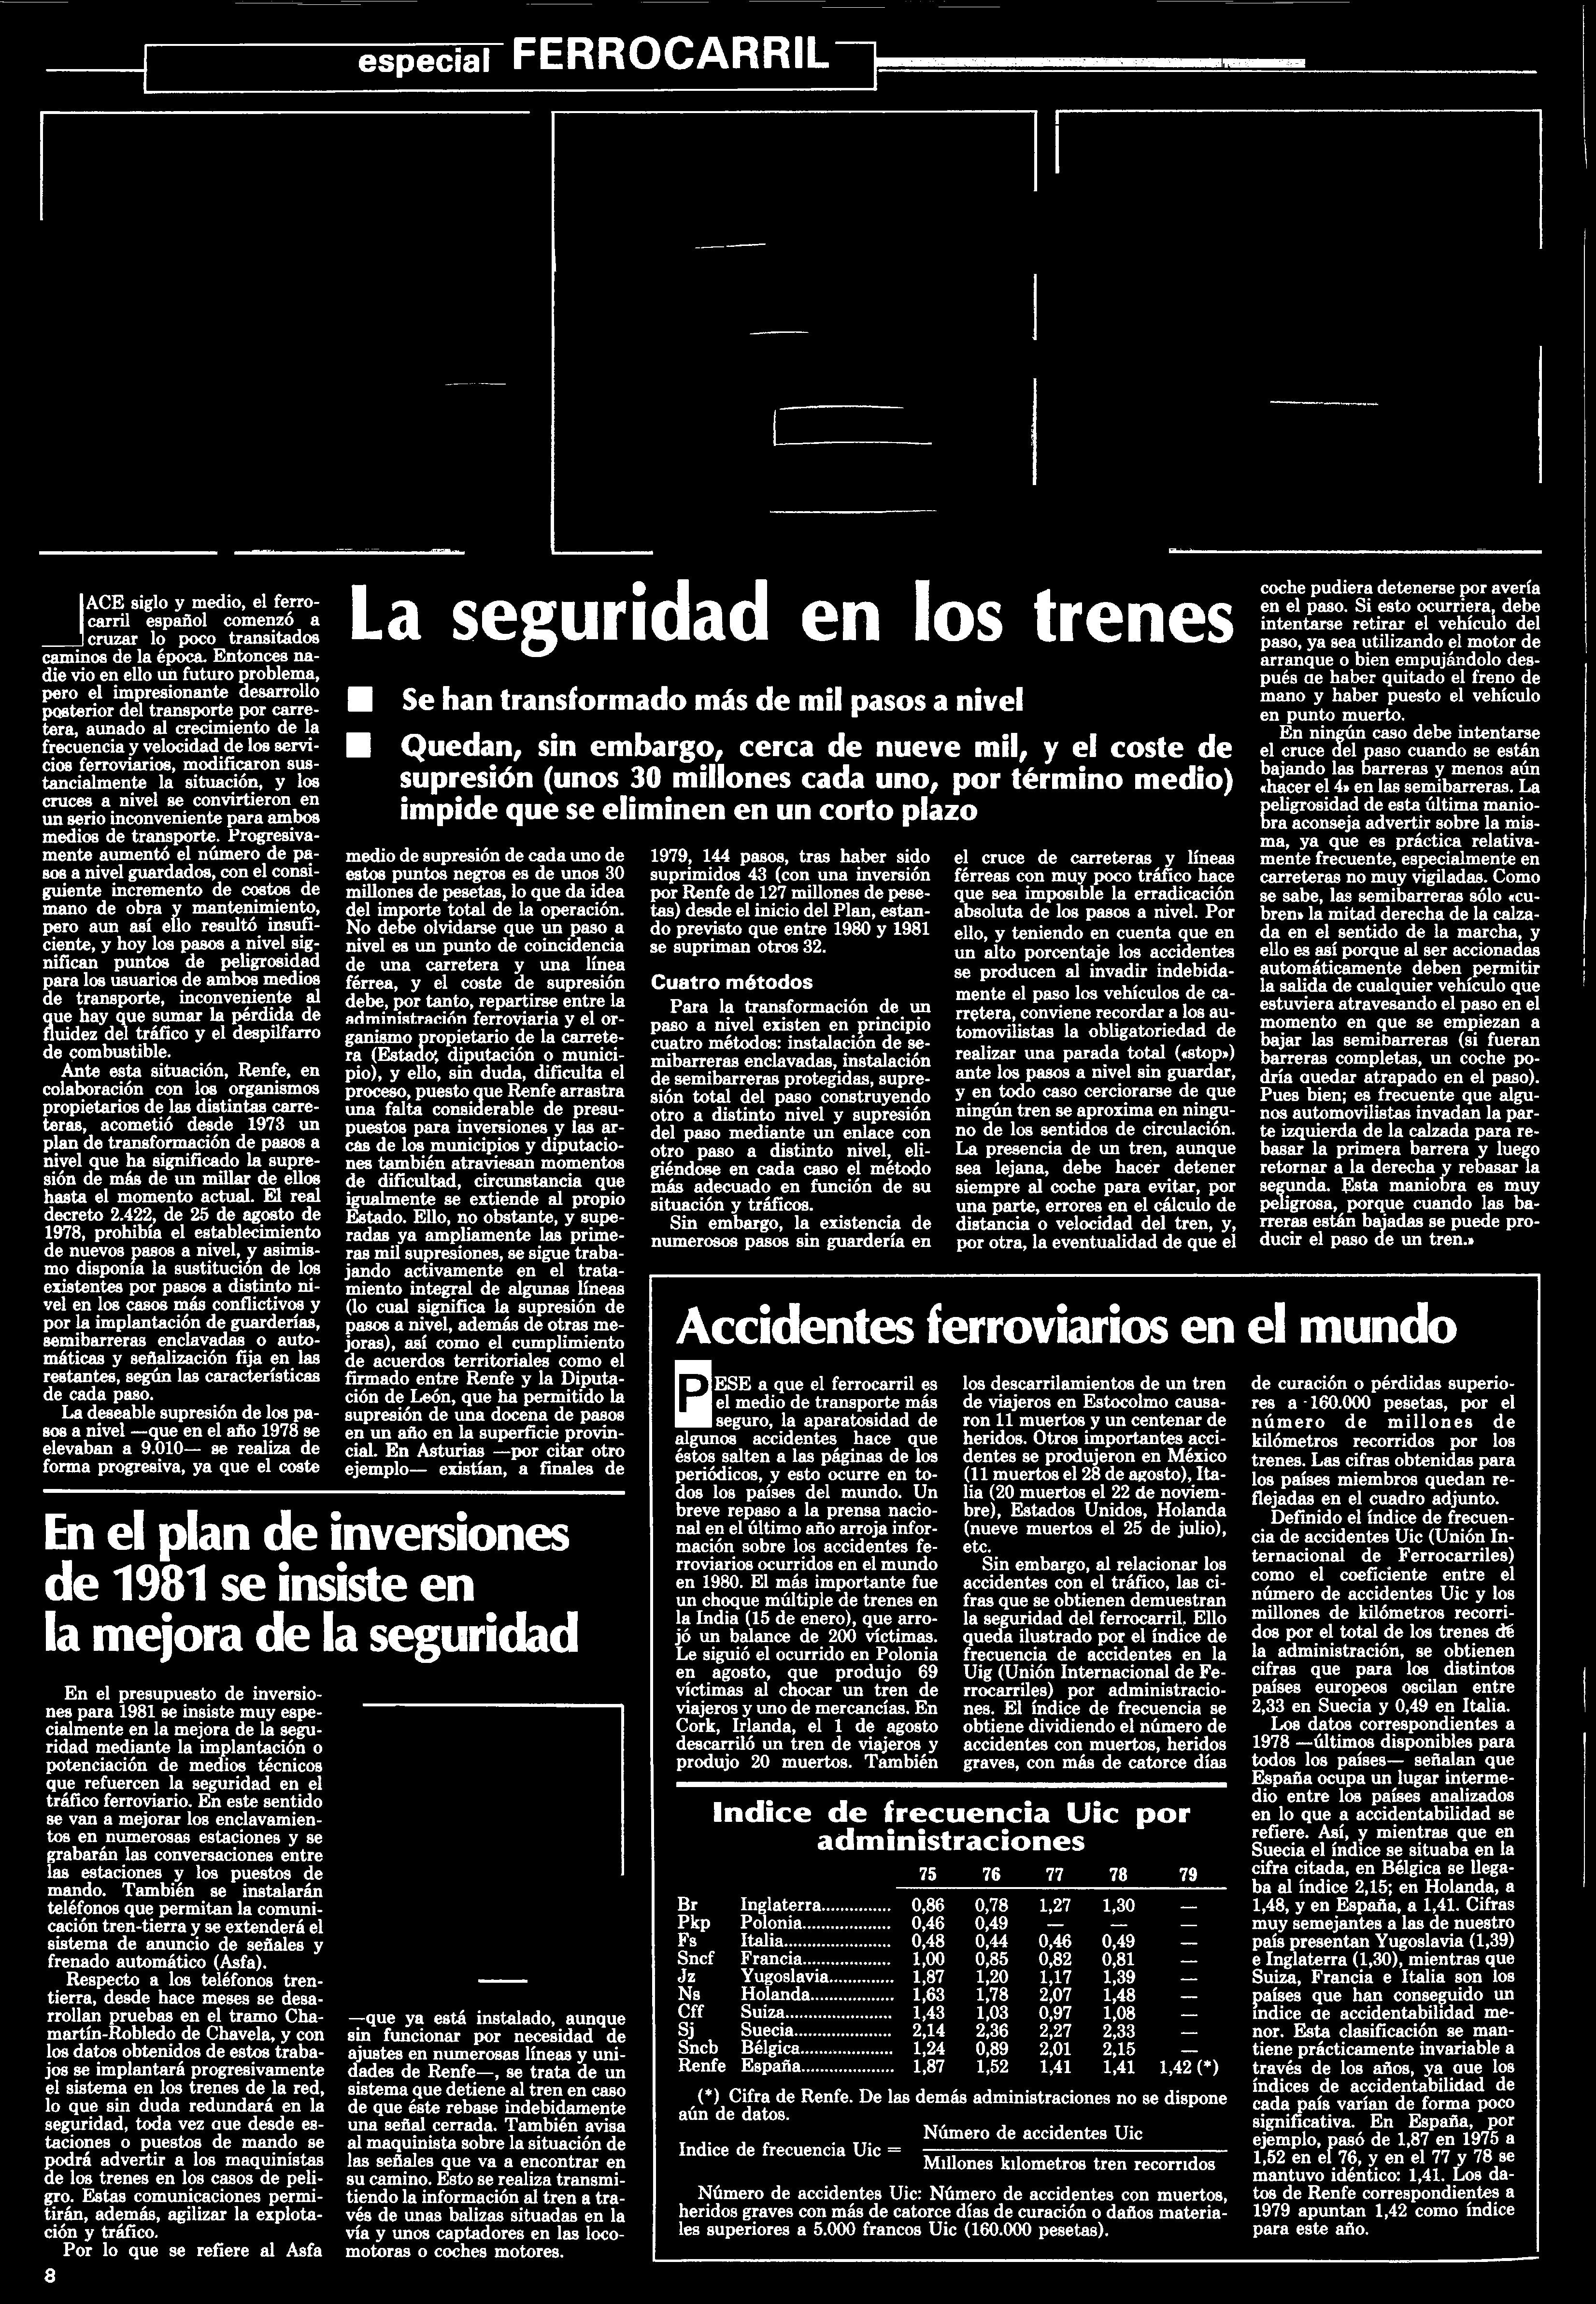 sombra muerte de Arregui sobre el Congreso C e n t r o D e l g a d o E s p i n o s a ESPECIALIZADO EN LENTES DE CONTACTO GAFAS Y PROTESIS OCULARES PDF